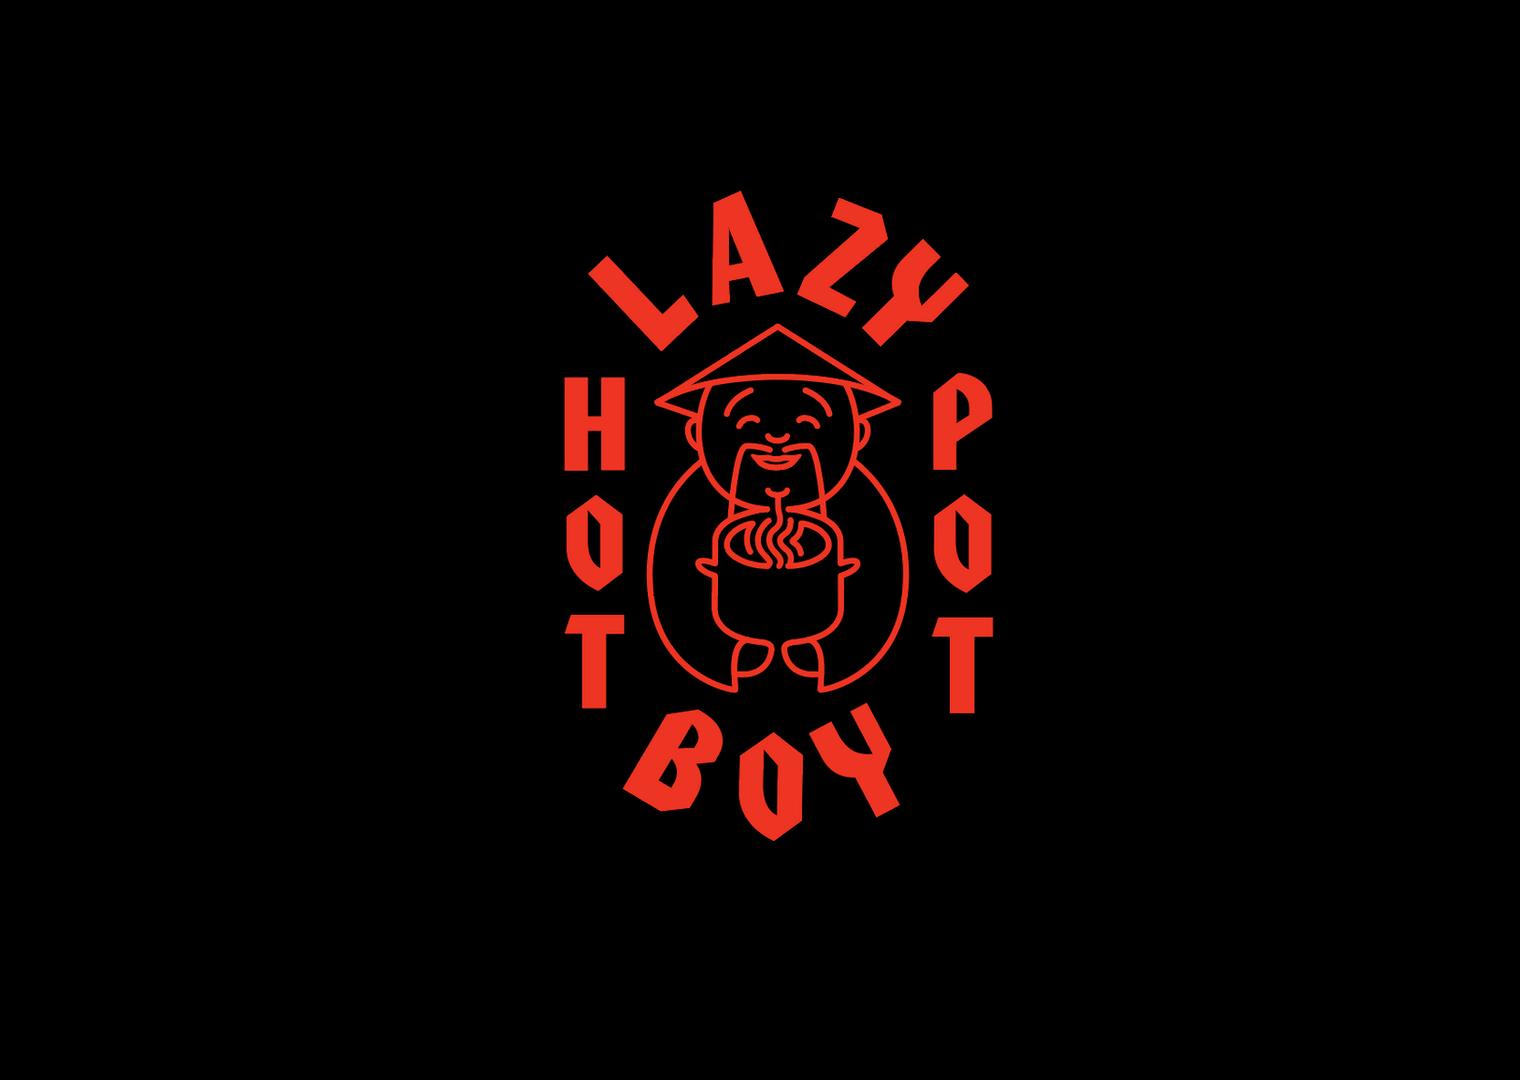 Lazy Boy Hot Pot